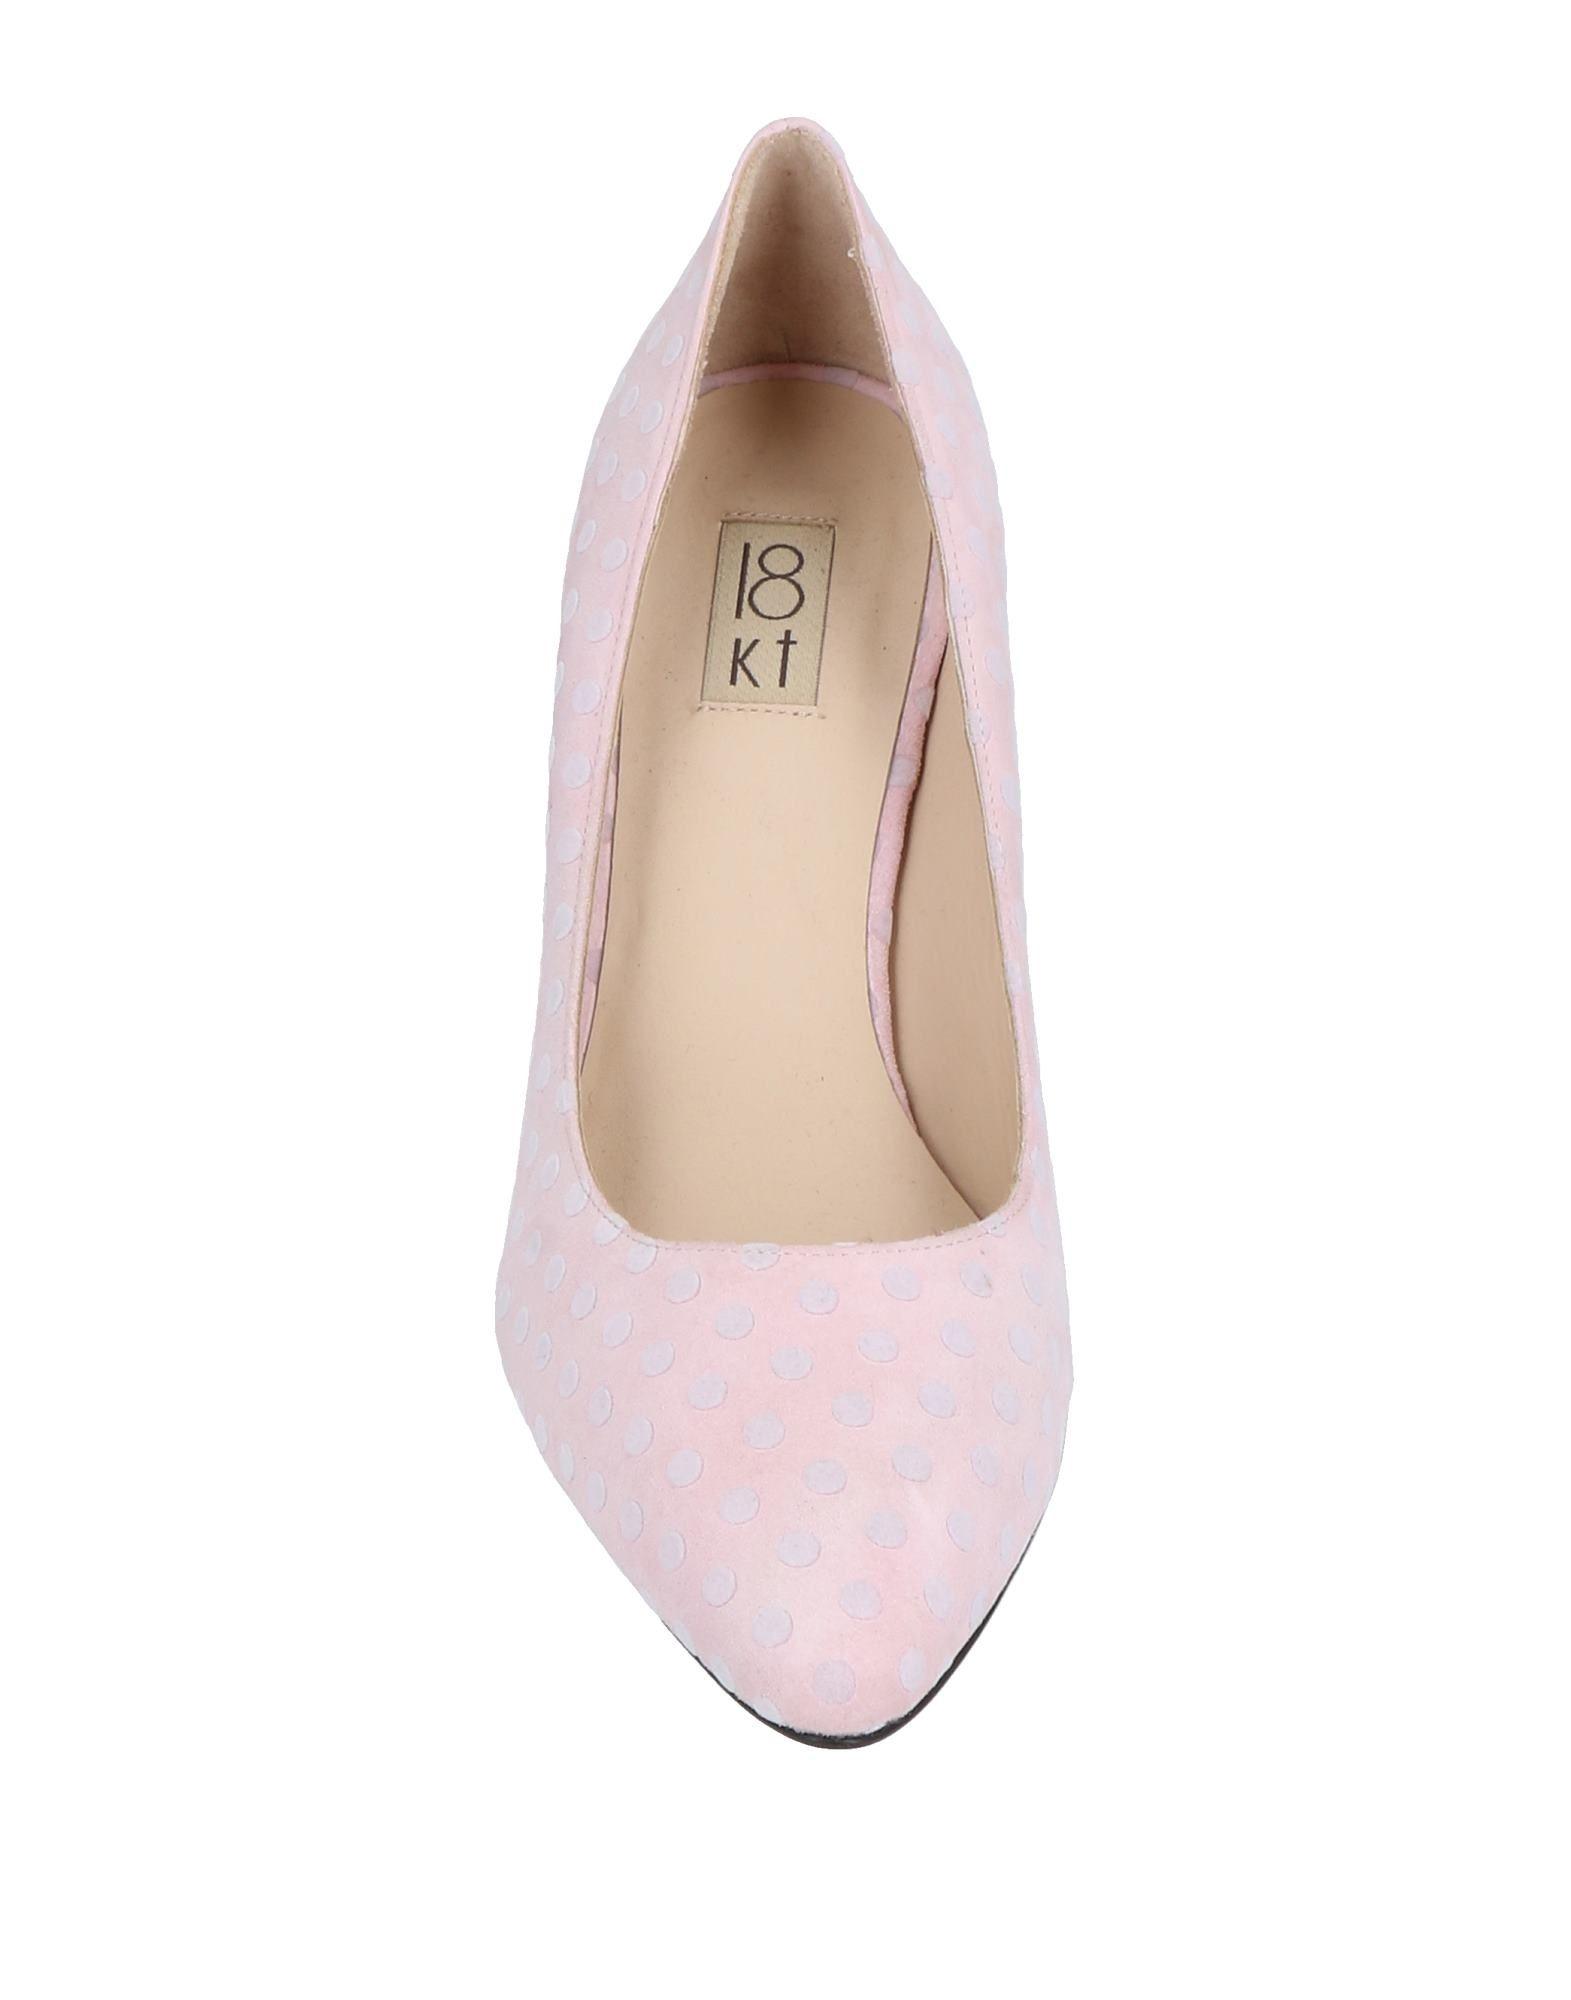 Gut um Pumps billige Schuhe zu tragen18 Kt Pumps um Damen  11480710ID 9e5fb0